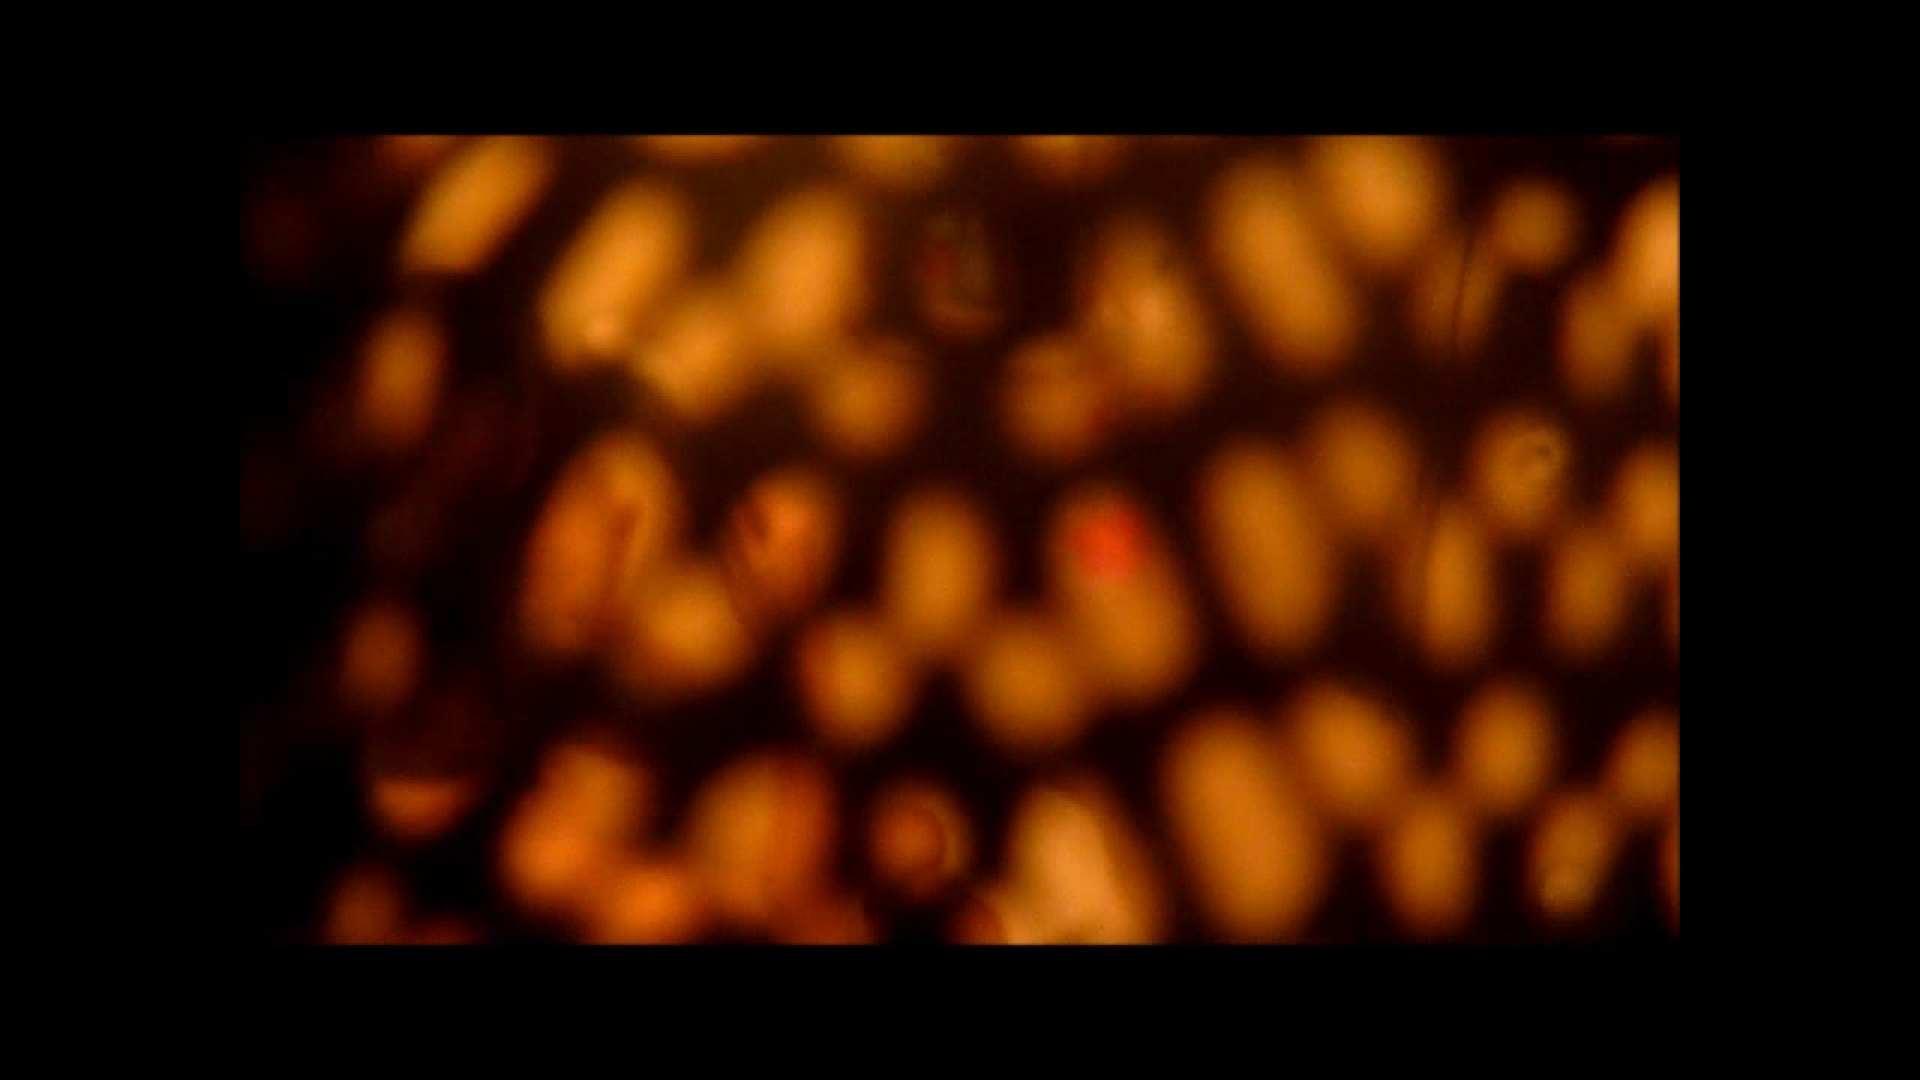 【02】ベランダに侵入して張り込みを始めて・・・やっと結果が出ました。 家宅侵入   0  107pic 79